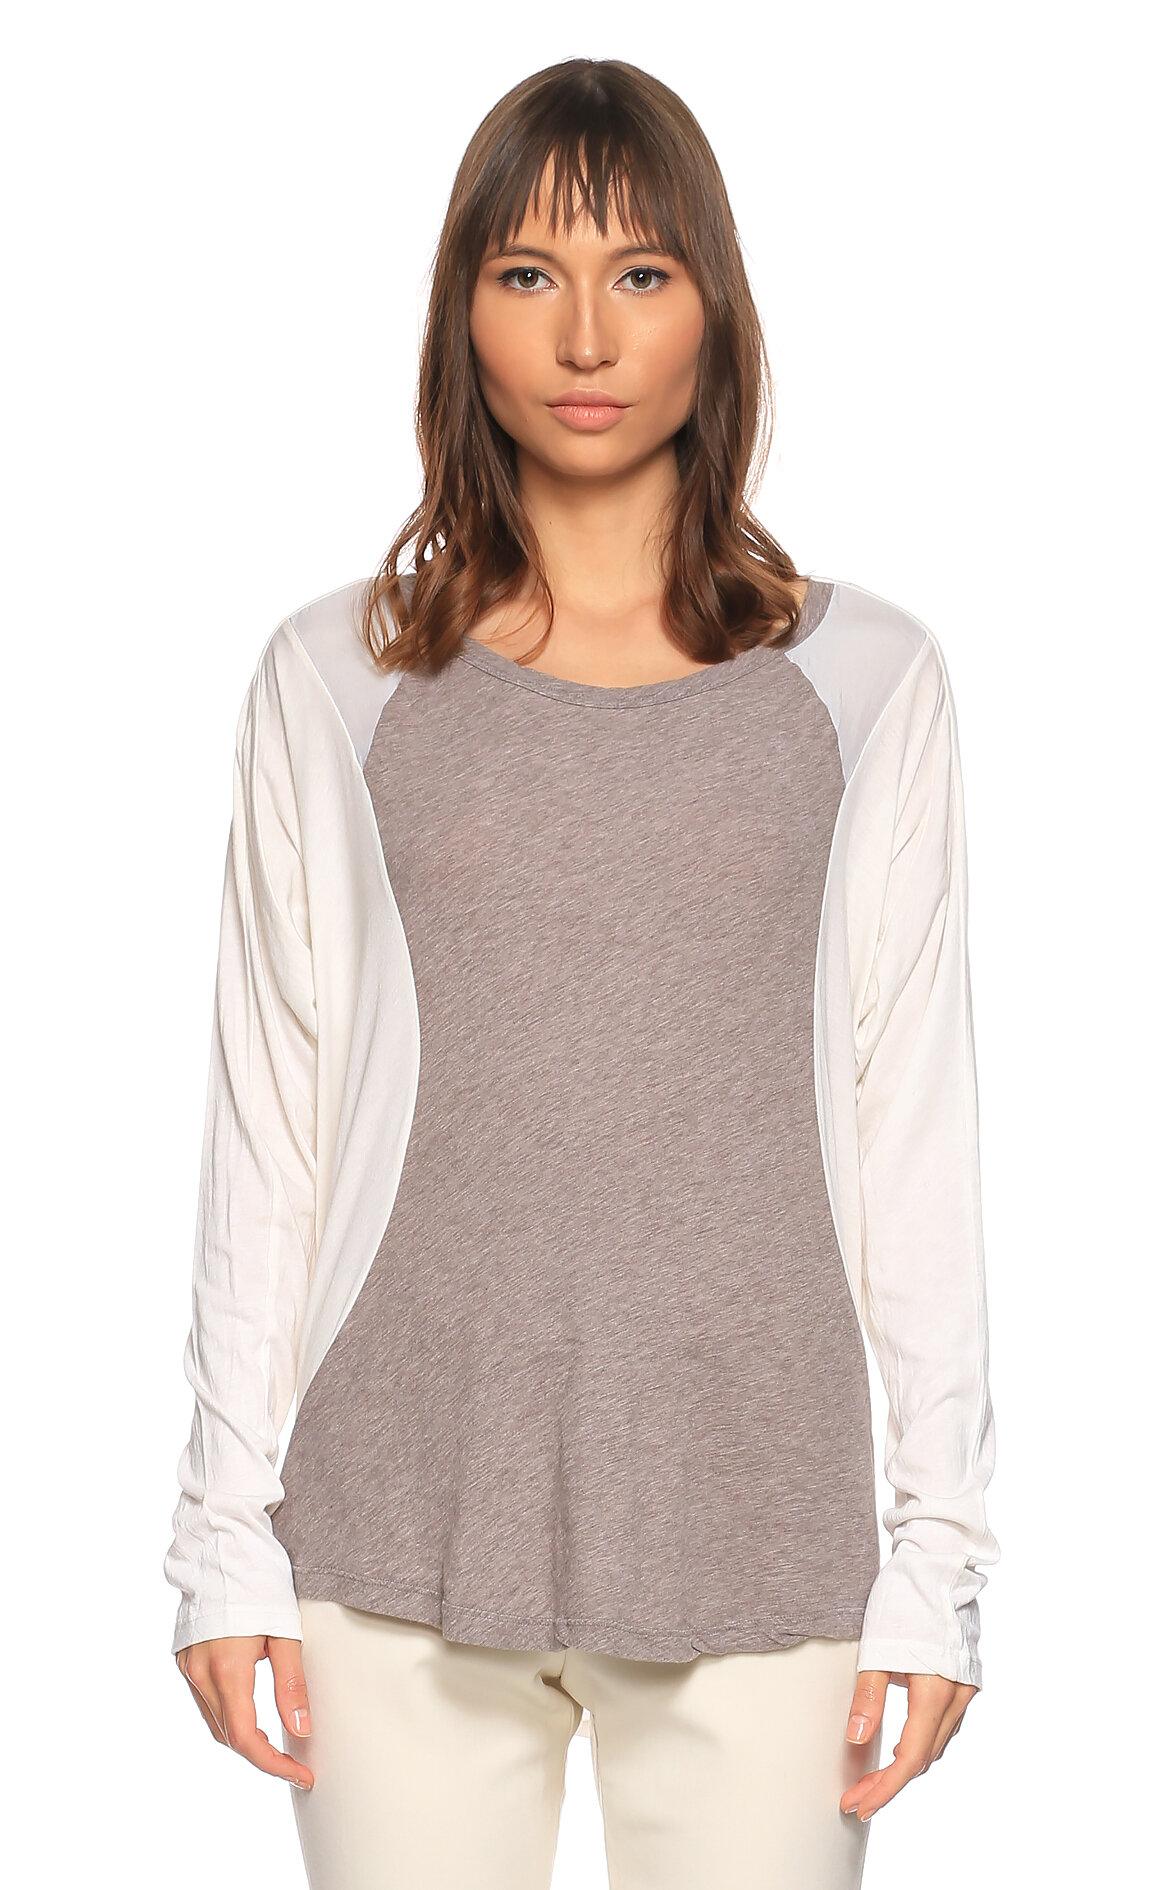 Clu-Clu Uzun Kollu Beyaz Gri T-Shirt